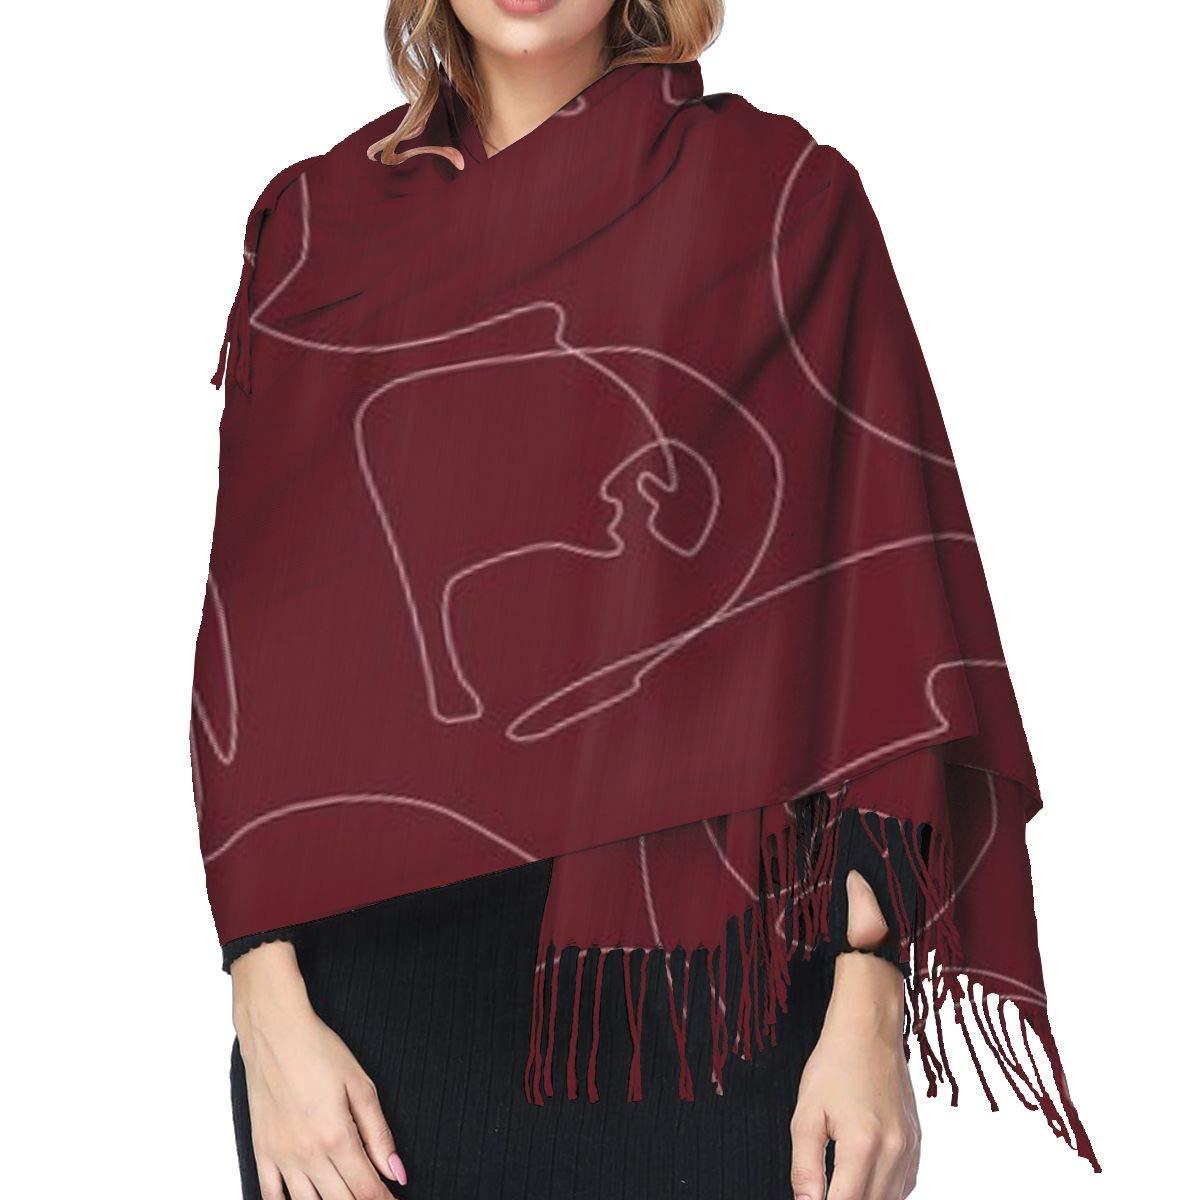 Mei-ltd Sciarpa avvolgente ricca e audace oversize coperta lunga sciarpa accogliente calda per inverno autunno 182,9 x 182,9 cm